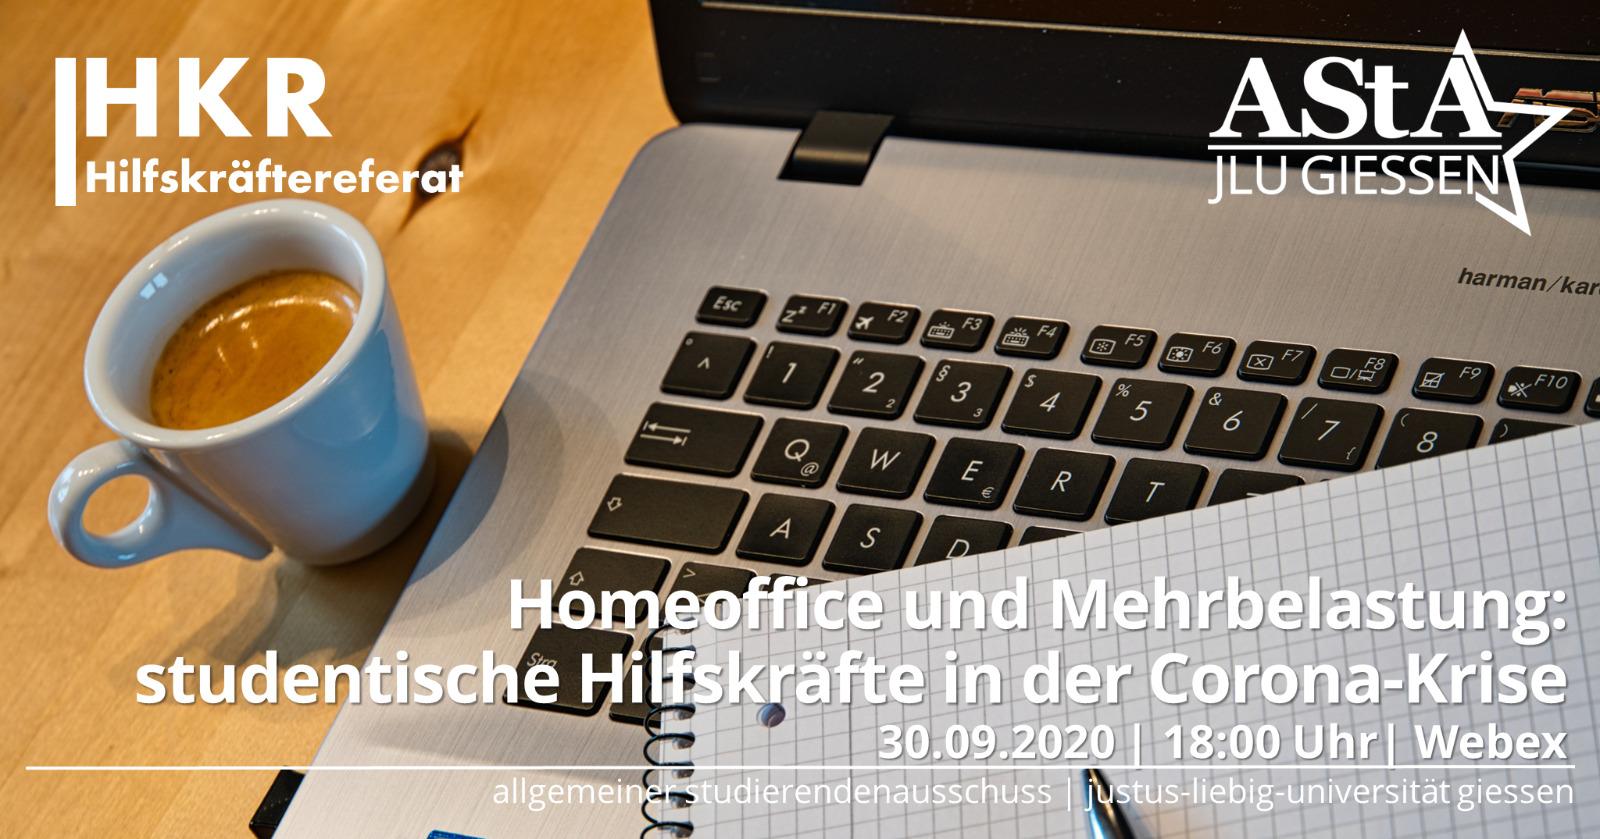 """Neben den Angaben zu Titel der Veranstaltung """"Homeoffice und Mehrbelastung: studentische Hilfskräfte in der Corona-Krise"""", einer Zeitangabe """"Mittwoch, der 30. September 2020 von 18 bis 19:30 Uhr"""", Ort """"Webex"""" und dem Veranstalter """"AStA"""" ist eine Laptop-Tastatur abgebildet, auf der Papierstücke liegen, daneben steht eine mit volle Kaffee-Tasse."""